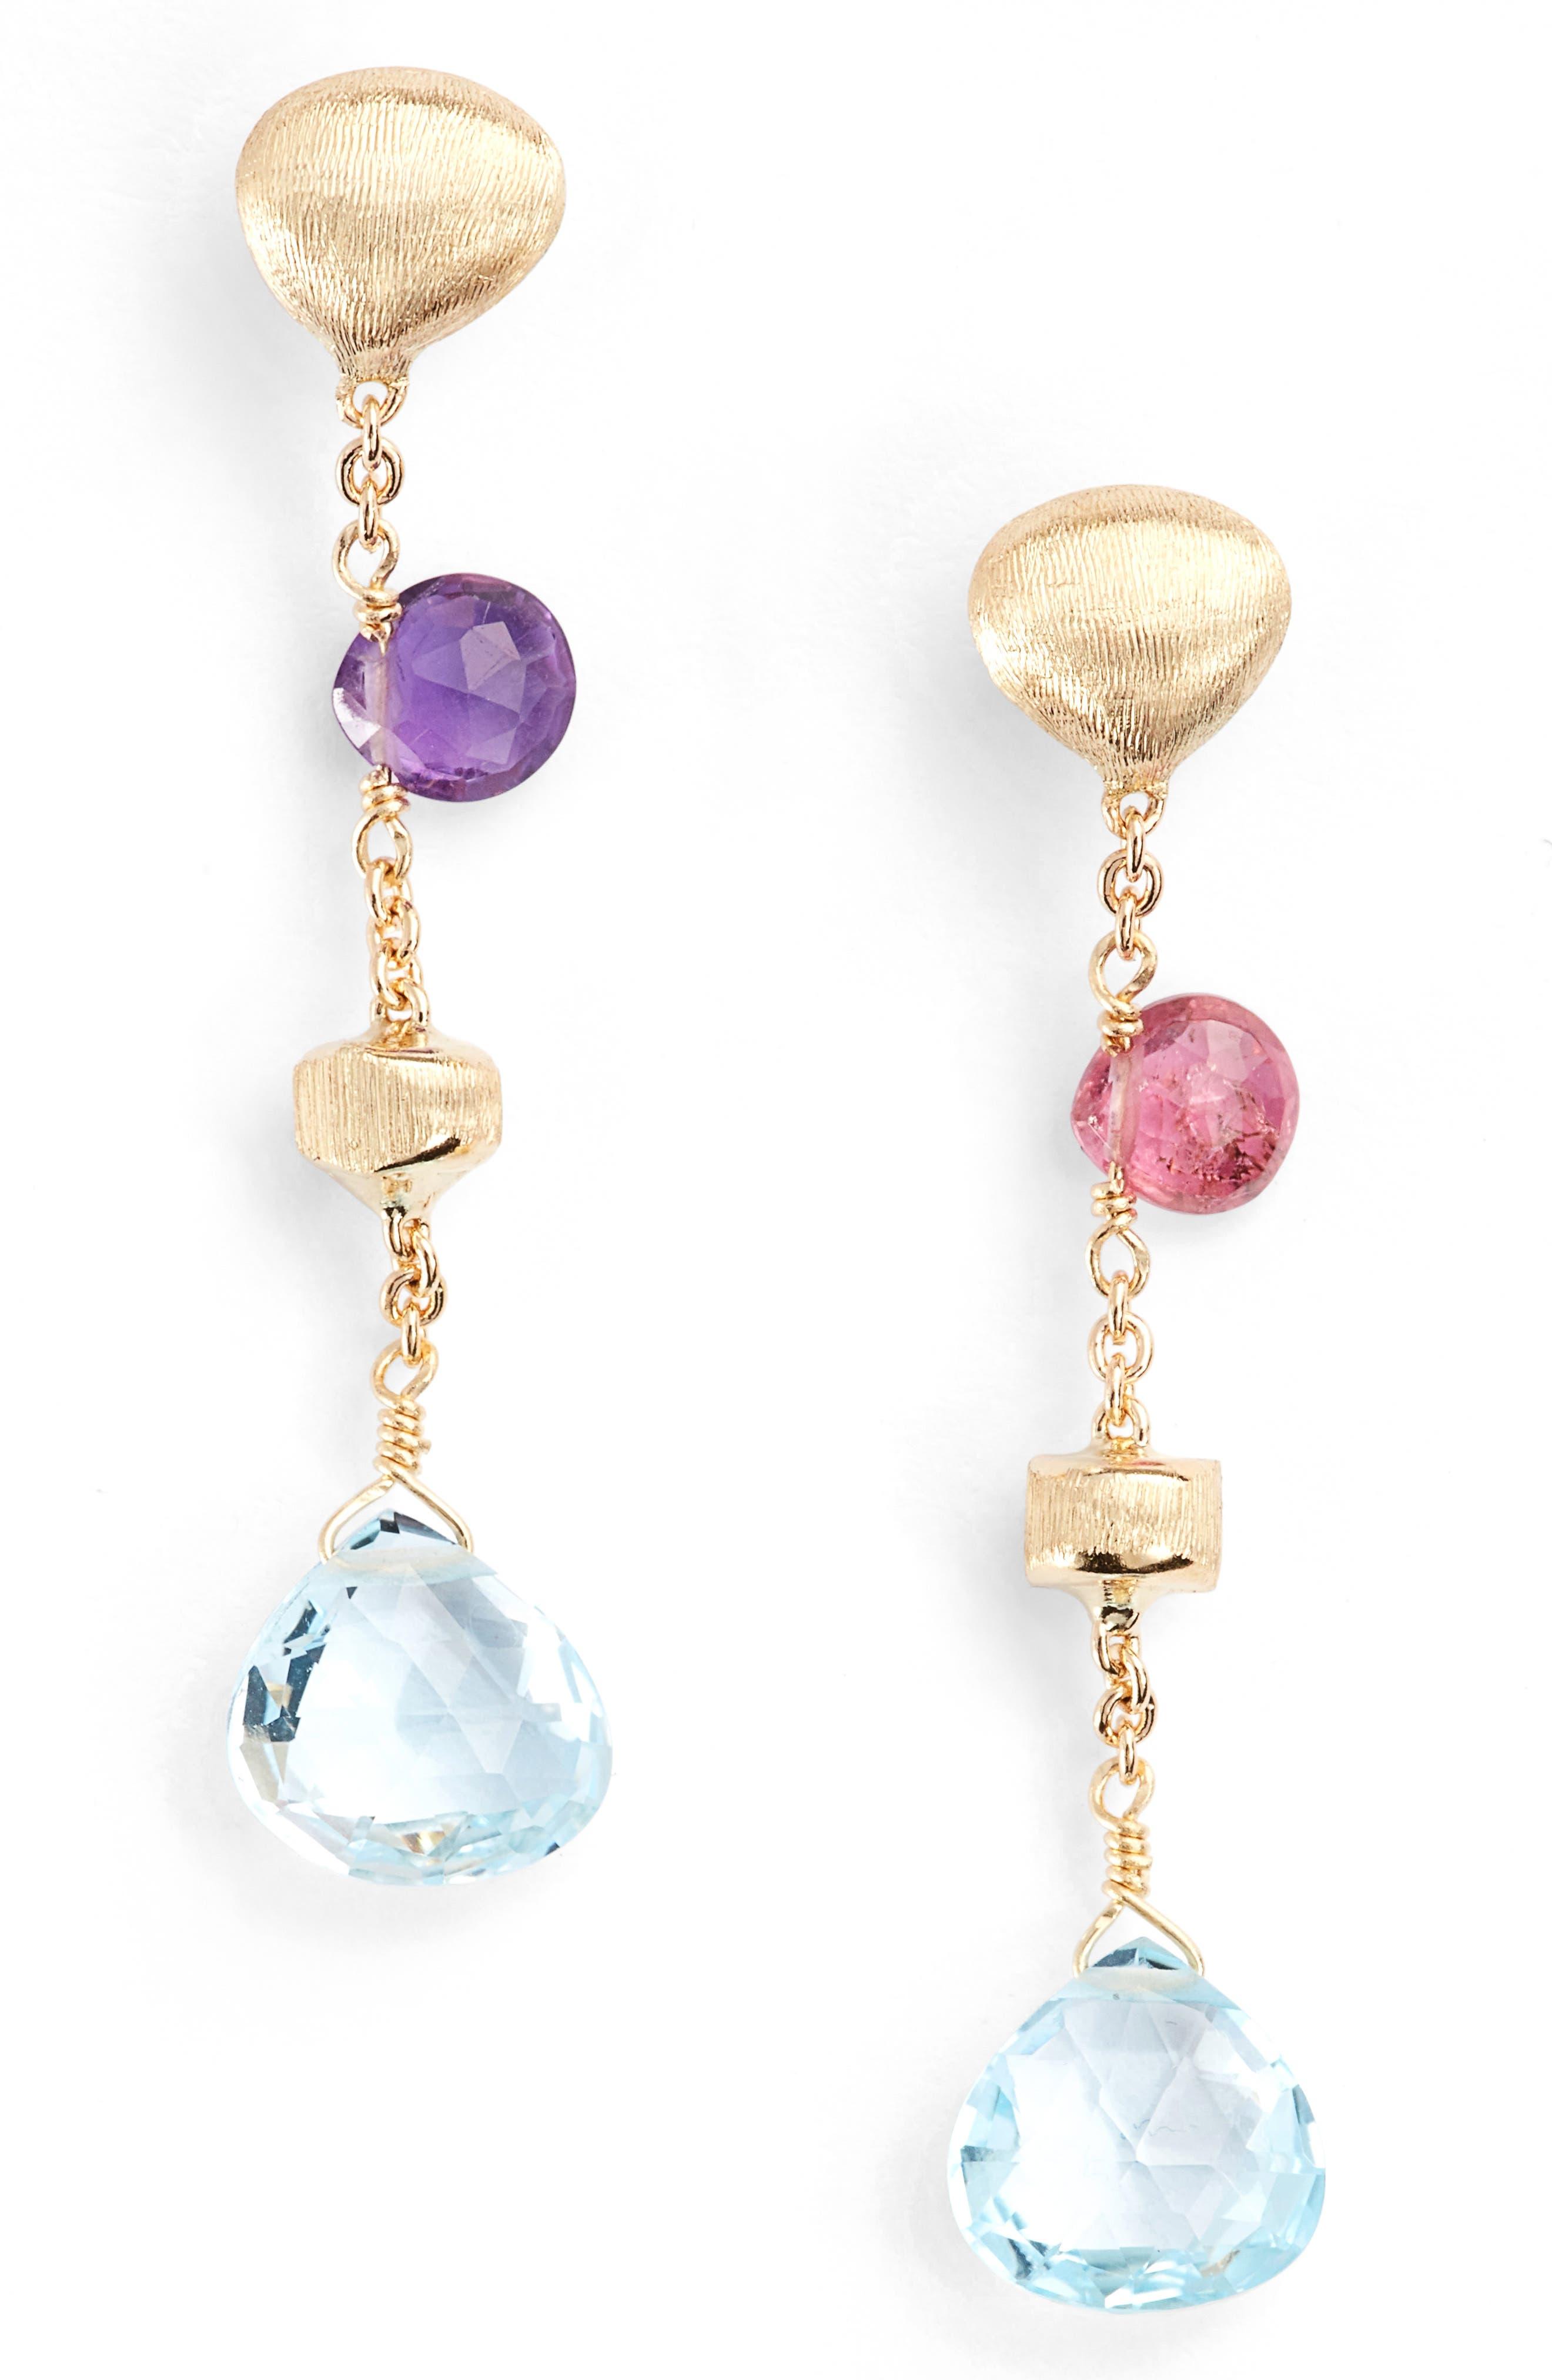 Paradise Semiprecious Stone Drop Earrings,                             Main thumbnail 1, color,                             YELLOW GOLD